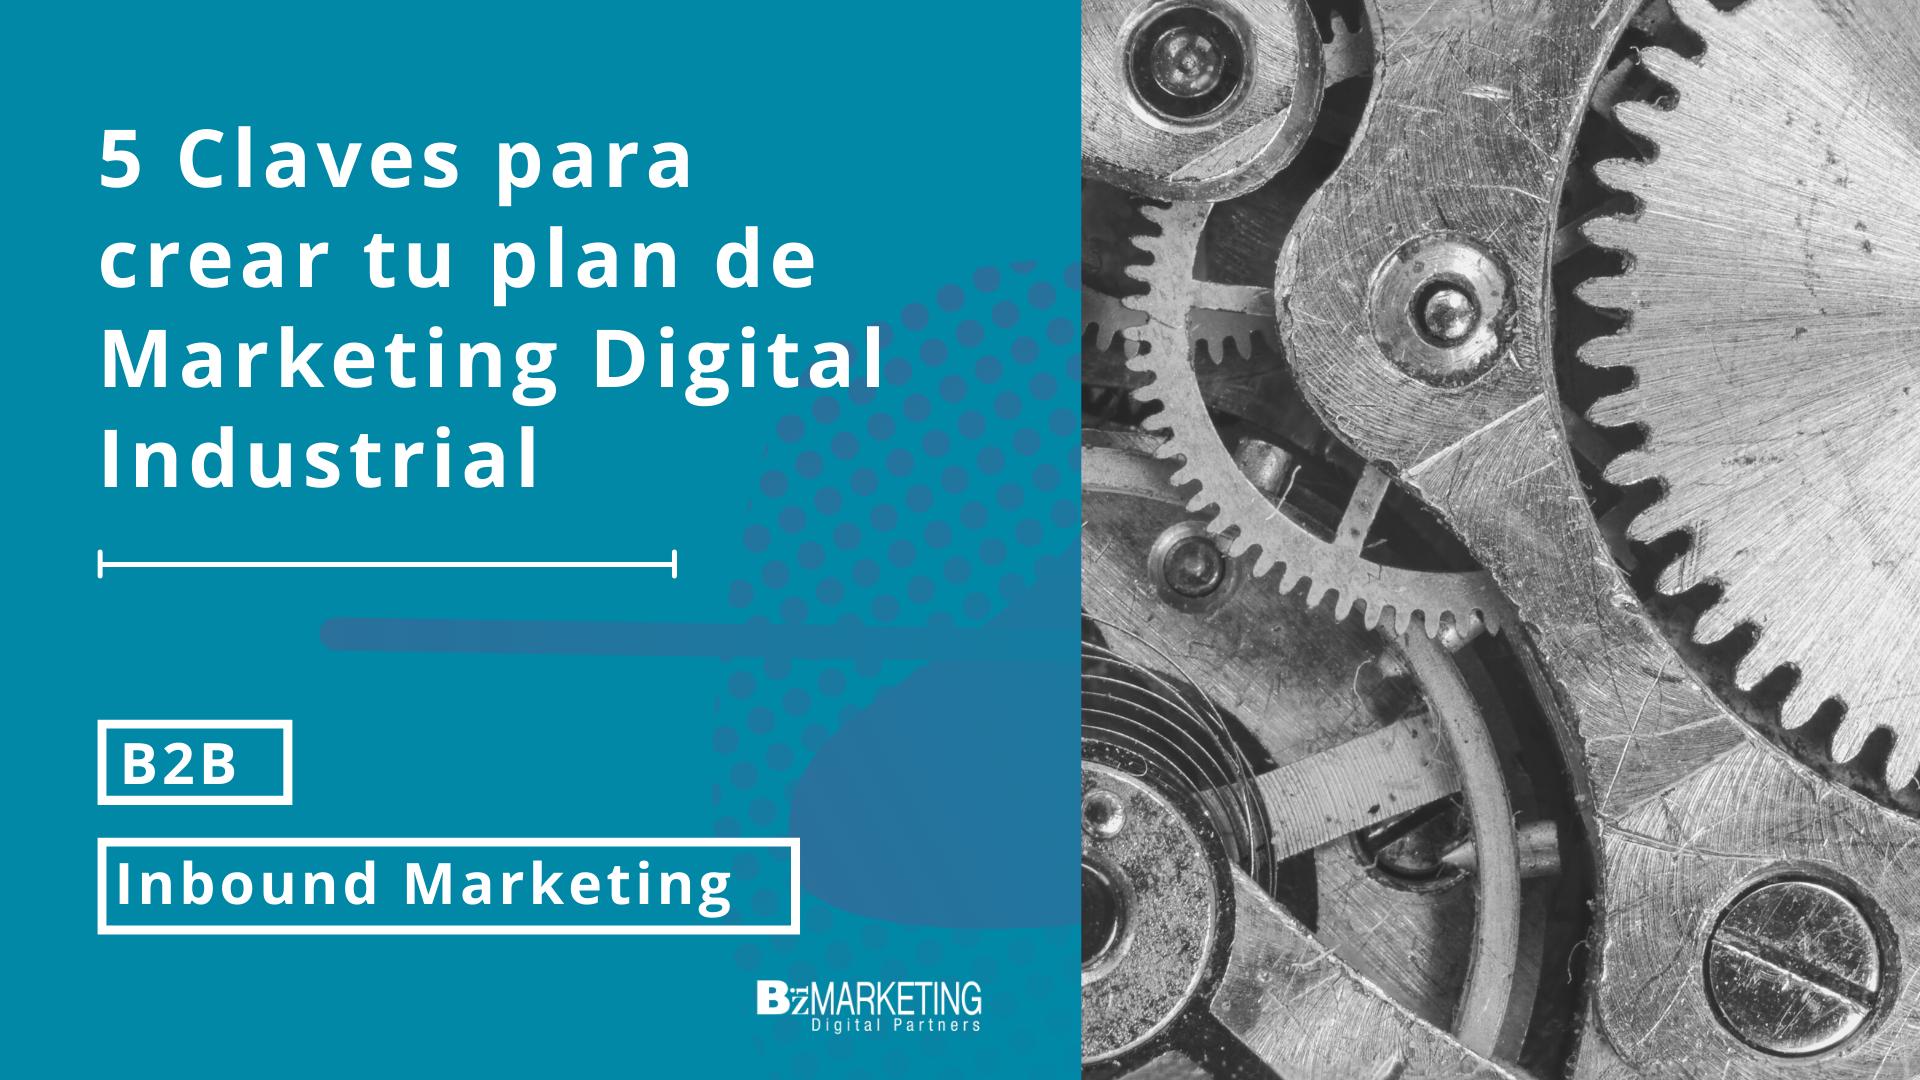 5 claves para crear tu Plan de Marketing Digital Industrial BizMarketing